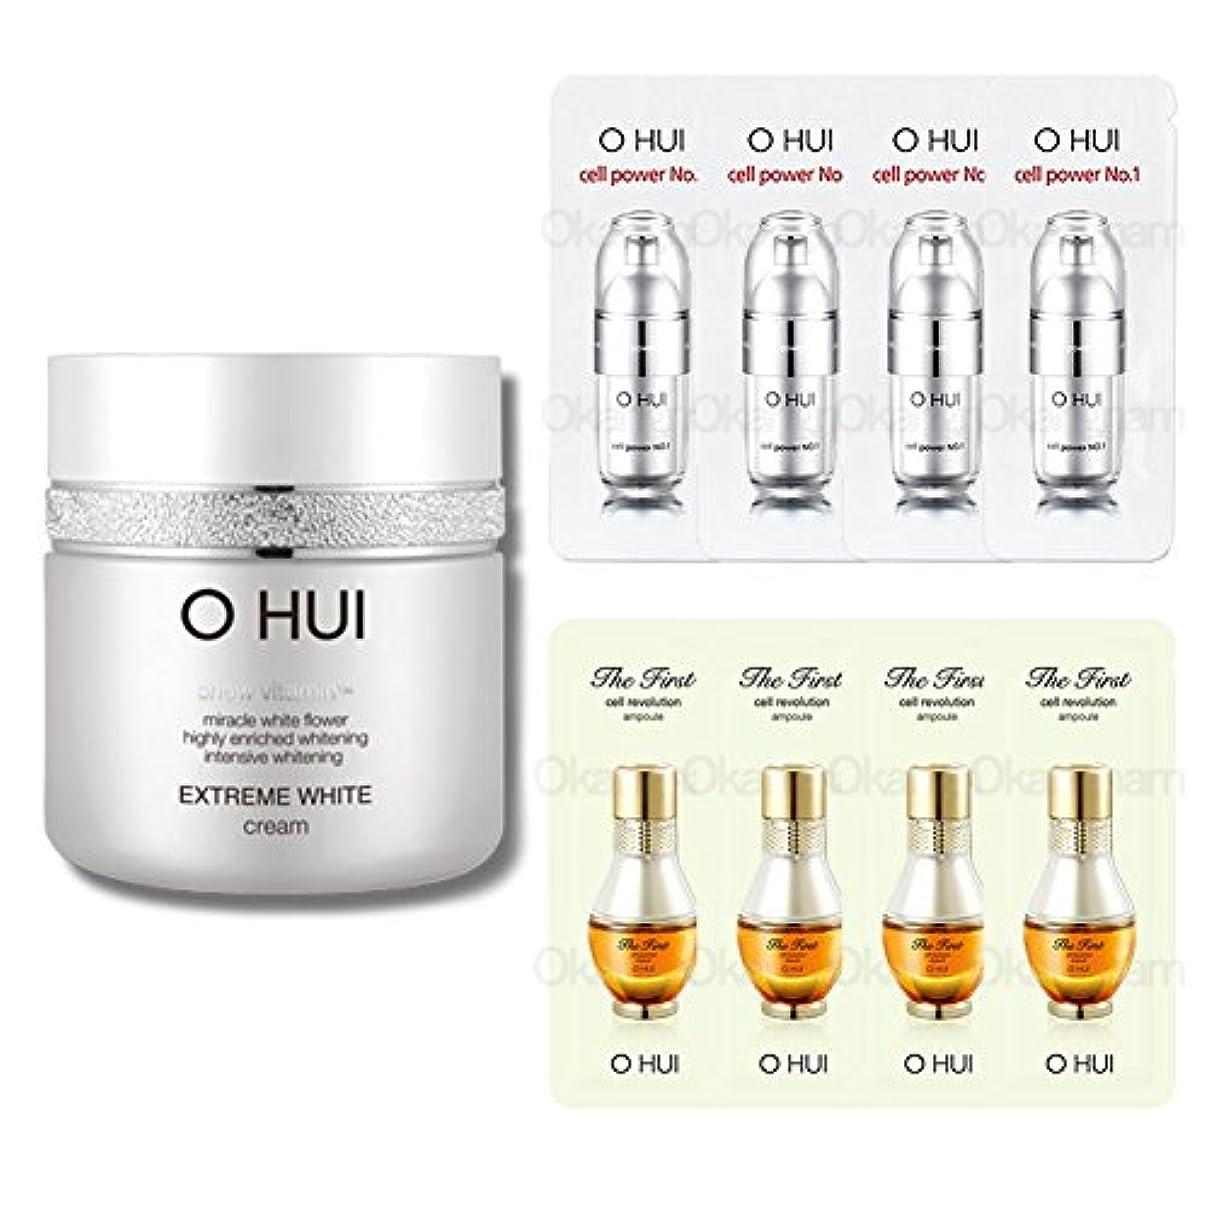 規範国際コークス[オフィ/ O HUI]韓国化粧品 LG生活健康/ OHUI OEW04 EXTREME WHITE CREAM/オフィ エクストリーム ホワイトクリーム 50ml +[Sample Gift](海外直送品)